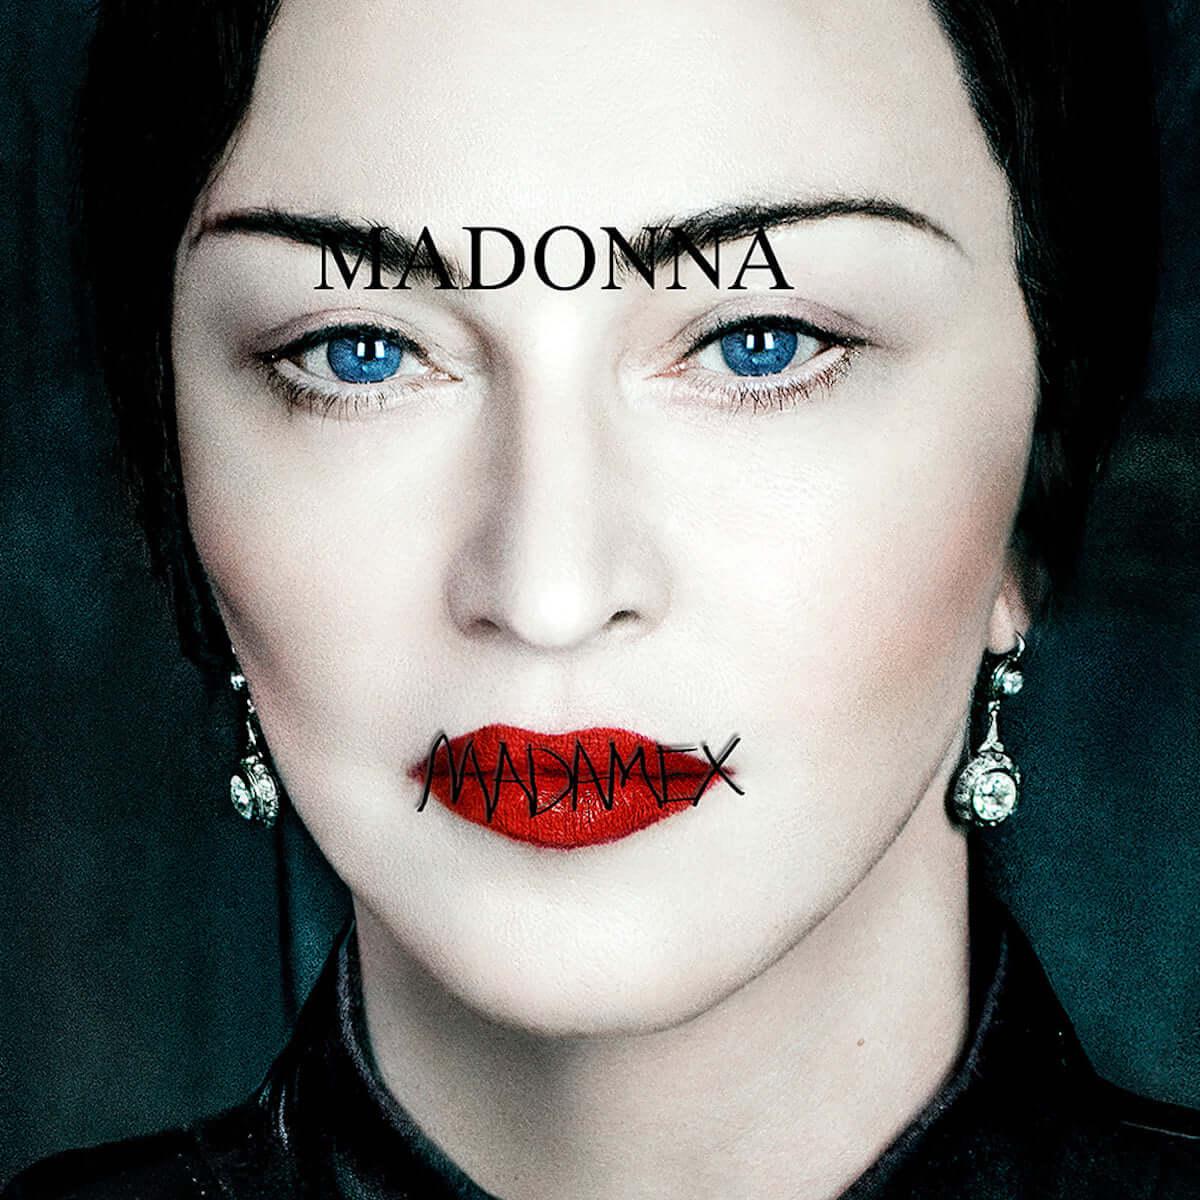 マドンナ、14枚目のニューアルバム『マダムX』 6月14日全世界同時リリース music190418_madonna_1-1200x1200